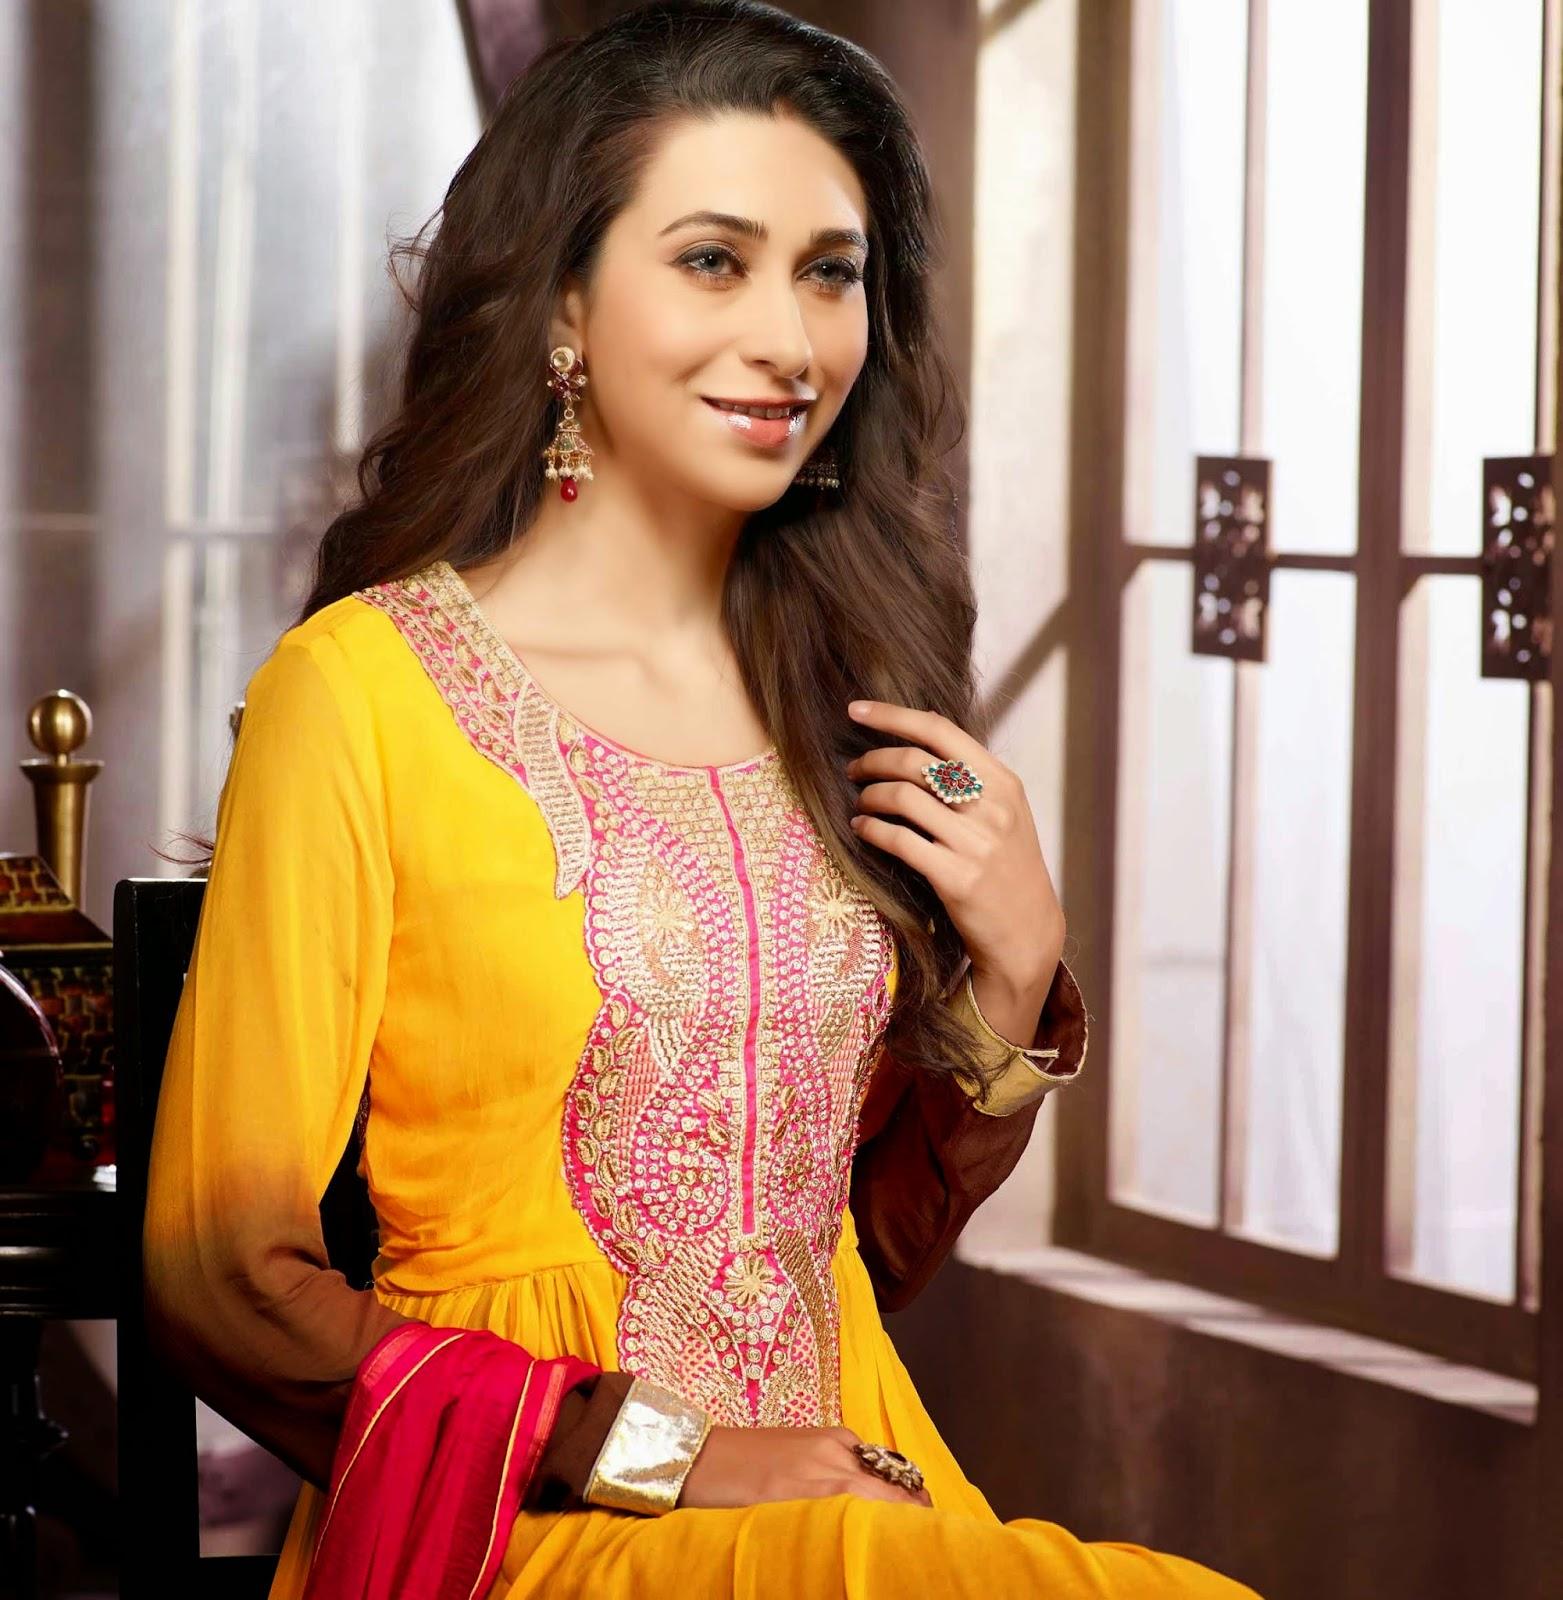 Nude Karishma Kapoor 13 Fotos Boobs, Facebook-6583